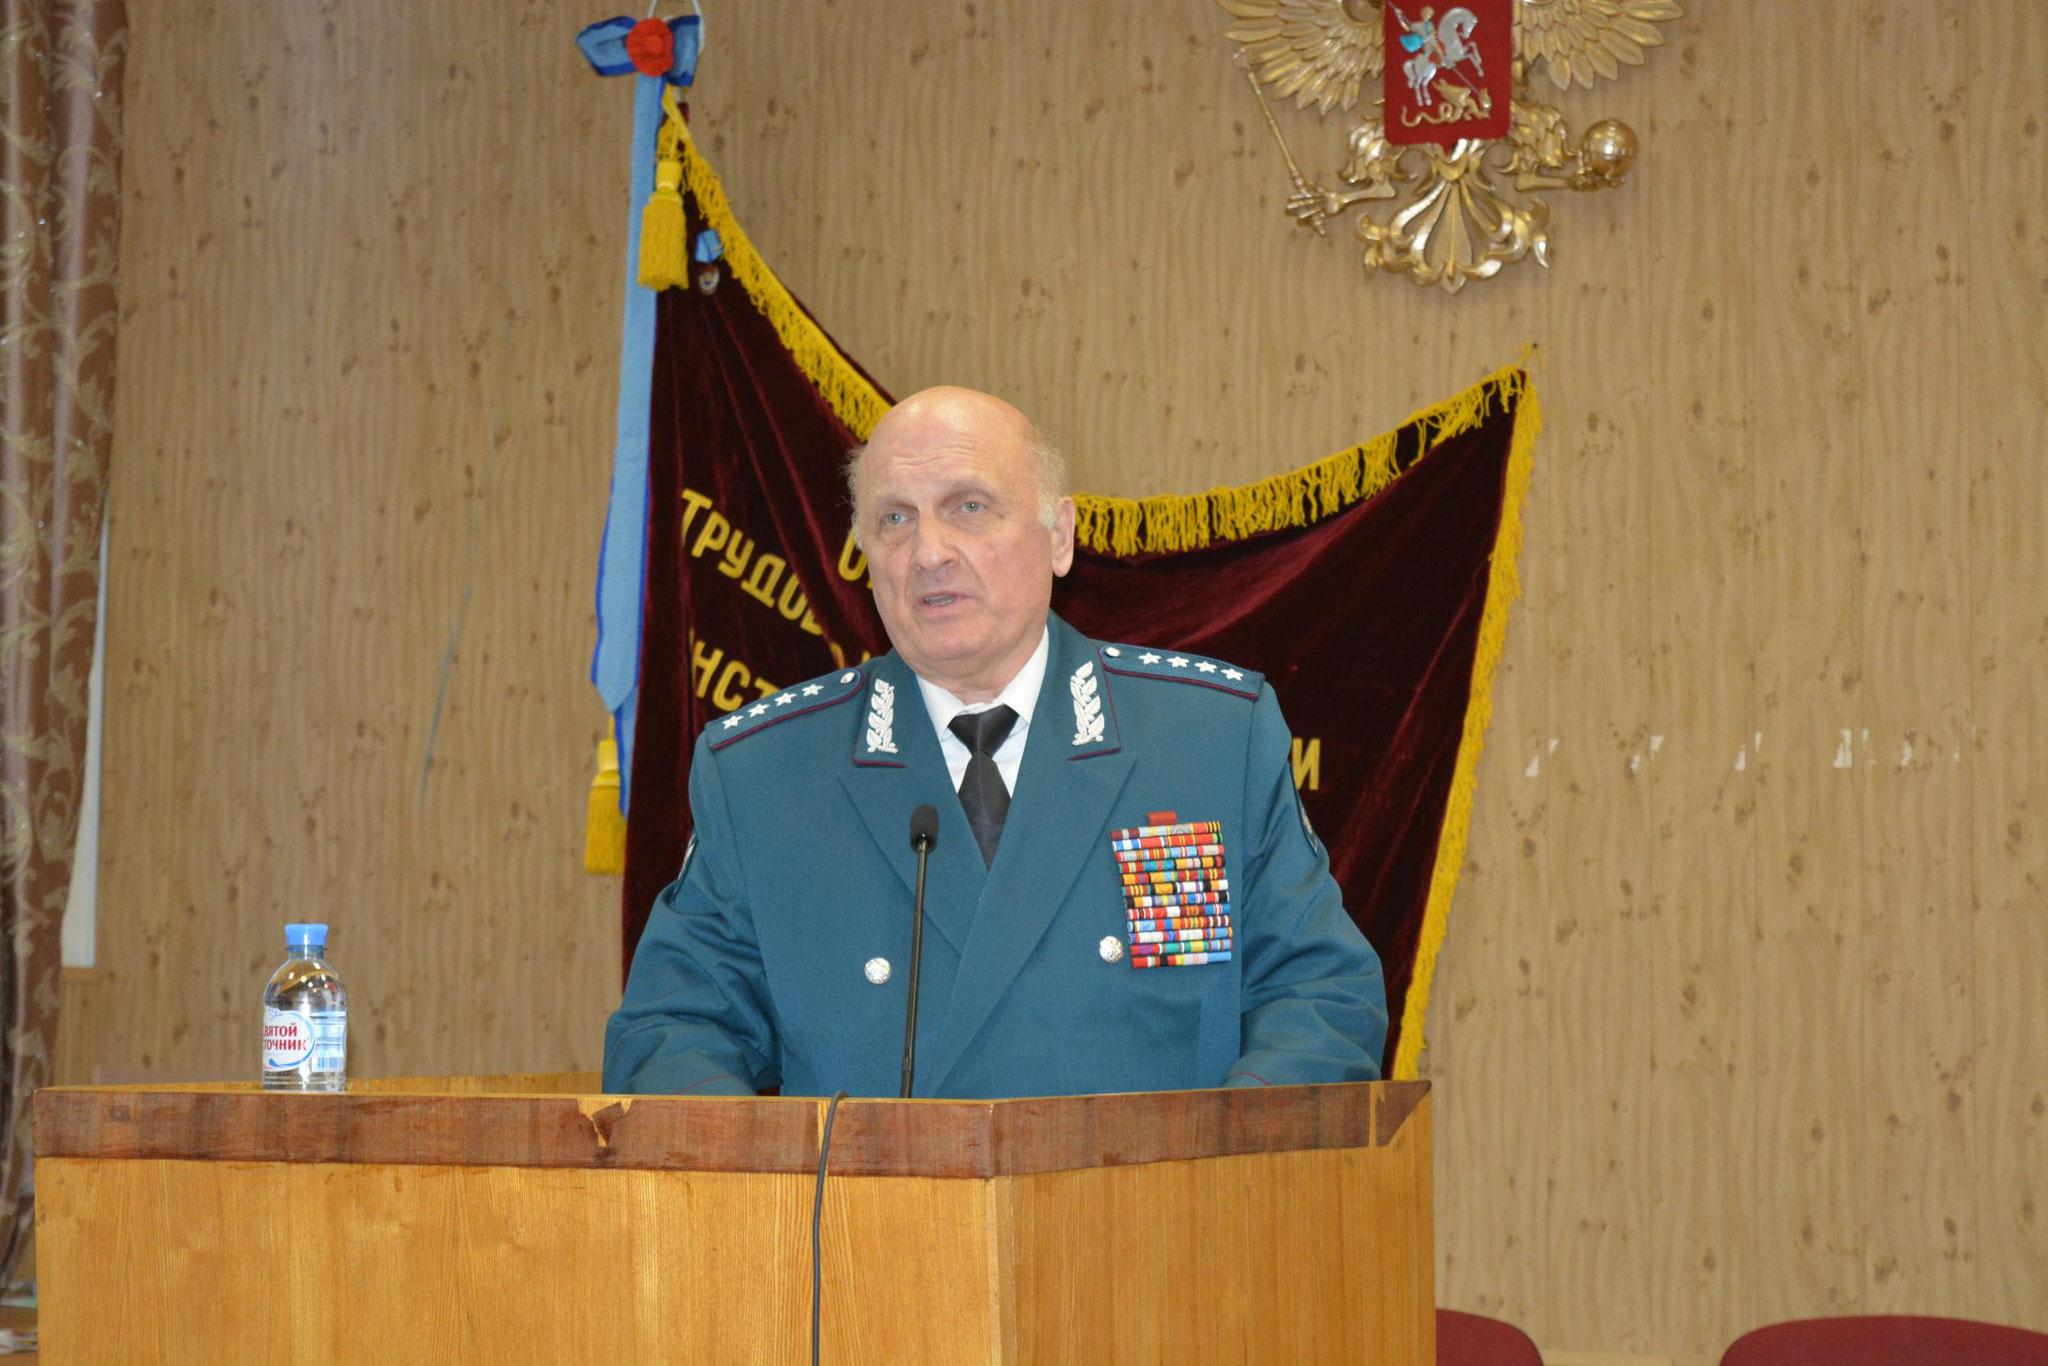 Институт российской истории РАН, 80 лет, Золотарев Владимир